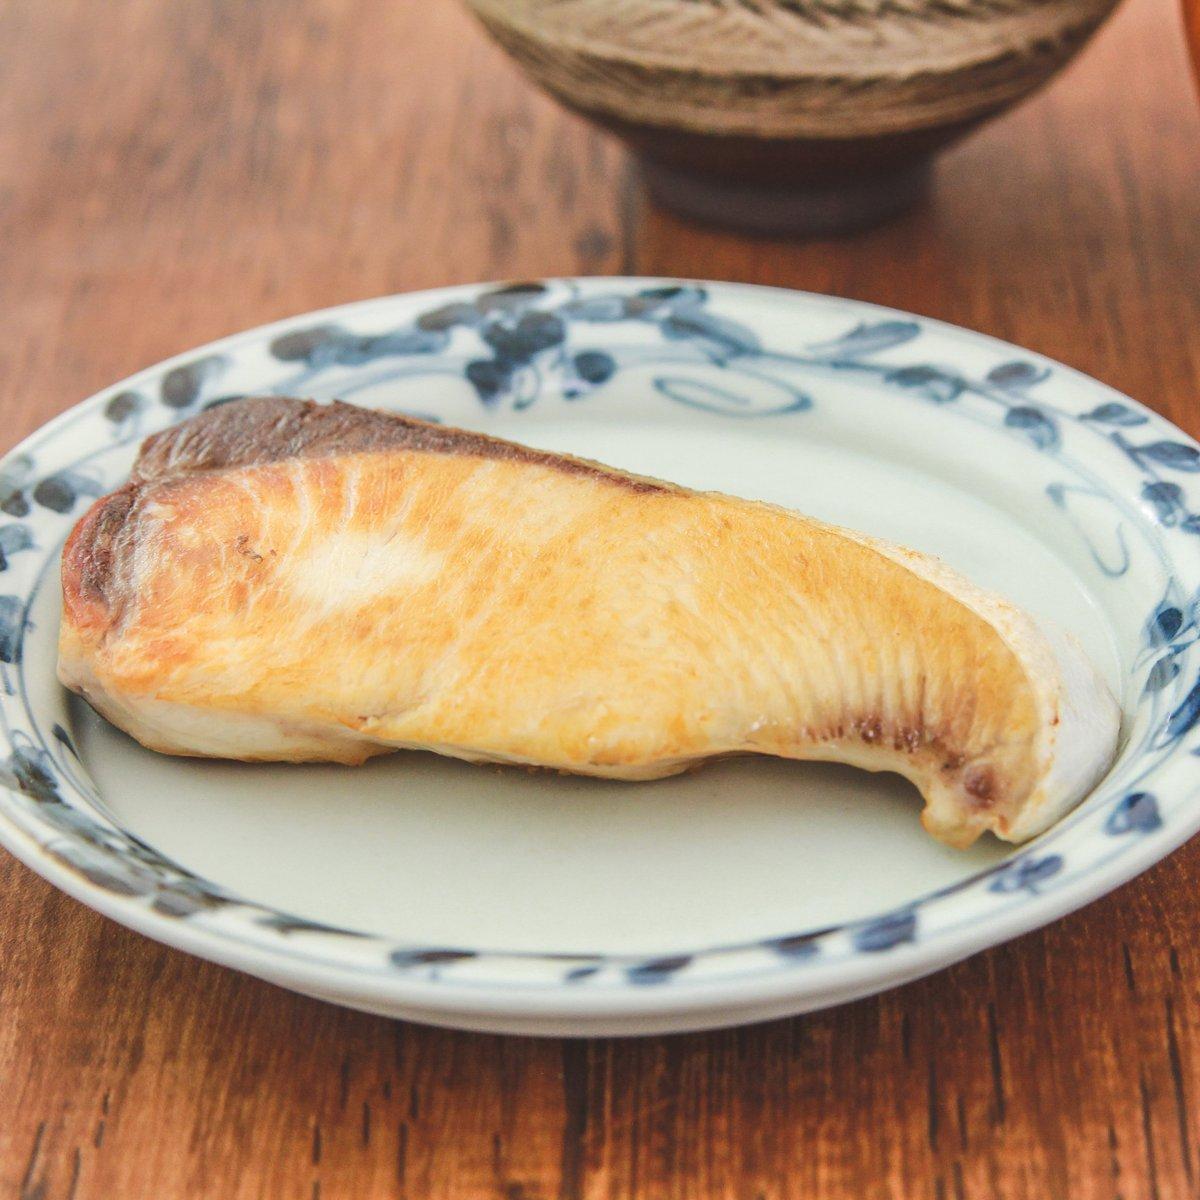 焼き魚をよくする人は覚えておくと良いかも!焼く前に、ある物を振り掛けると魚の生臭さが和らぐ?!